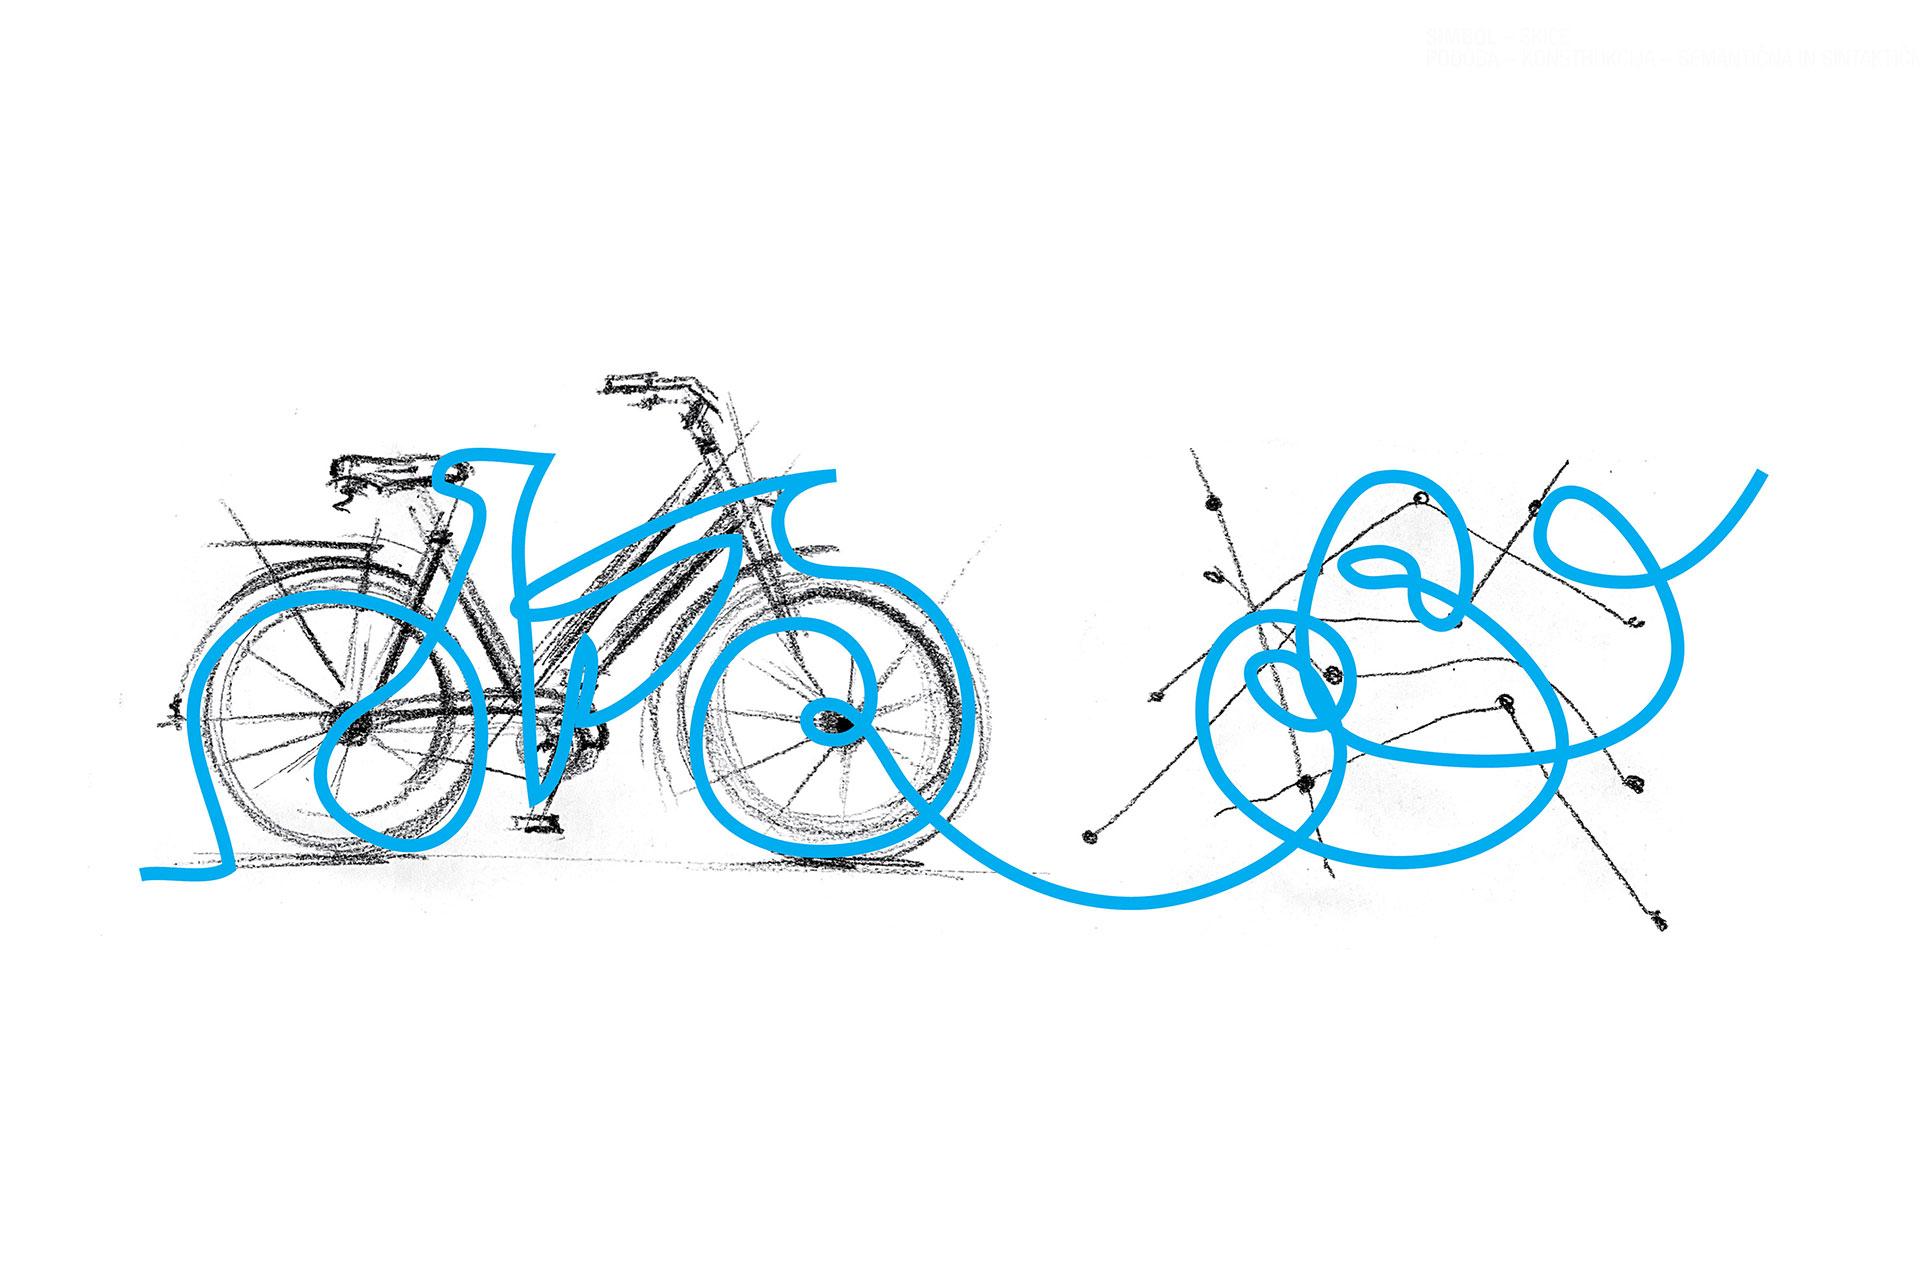 kolesarske-poti_graficna-podoba_studio_ma-ma_marko-marinsek_09